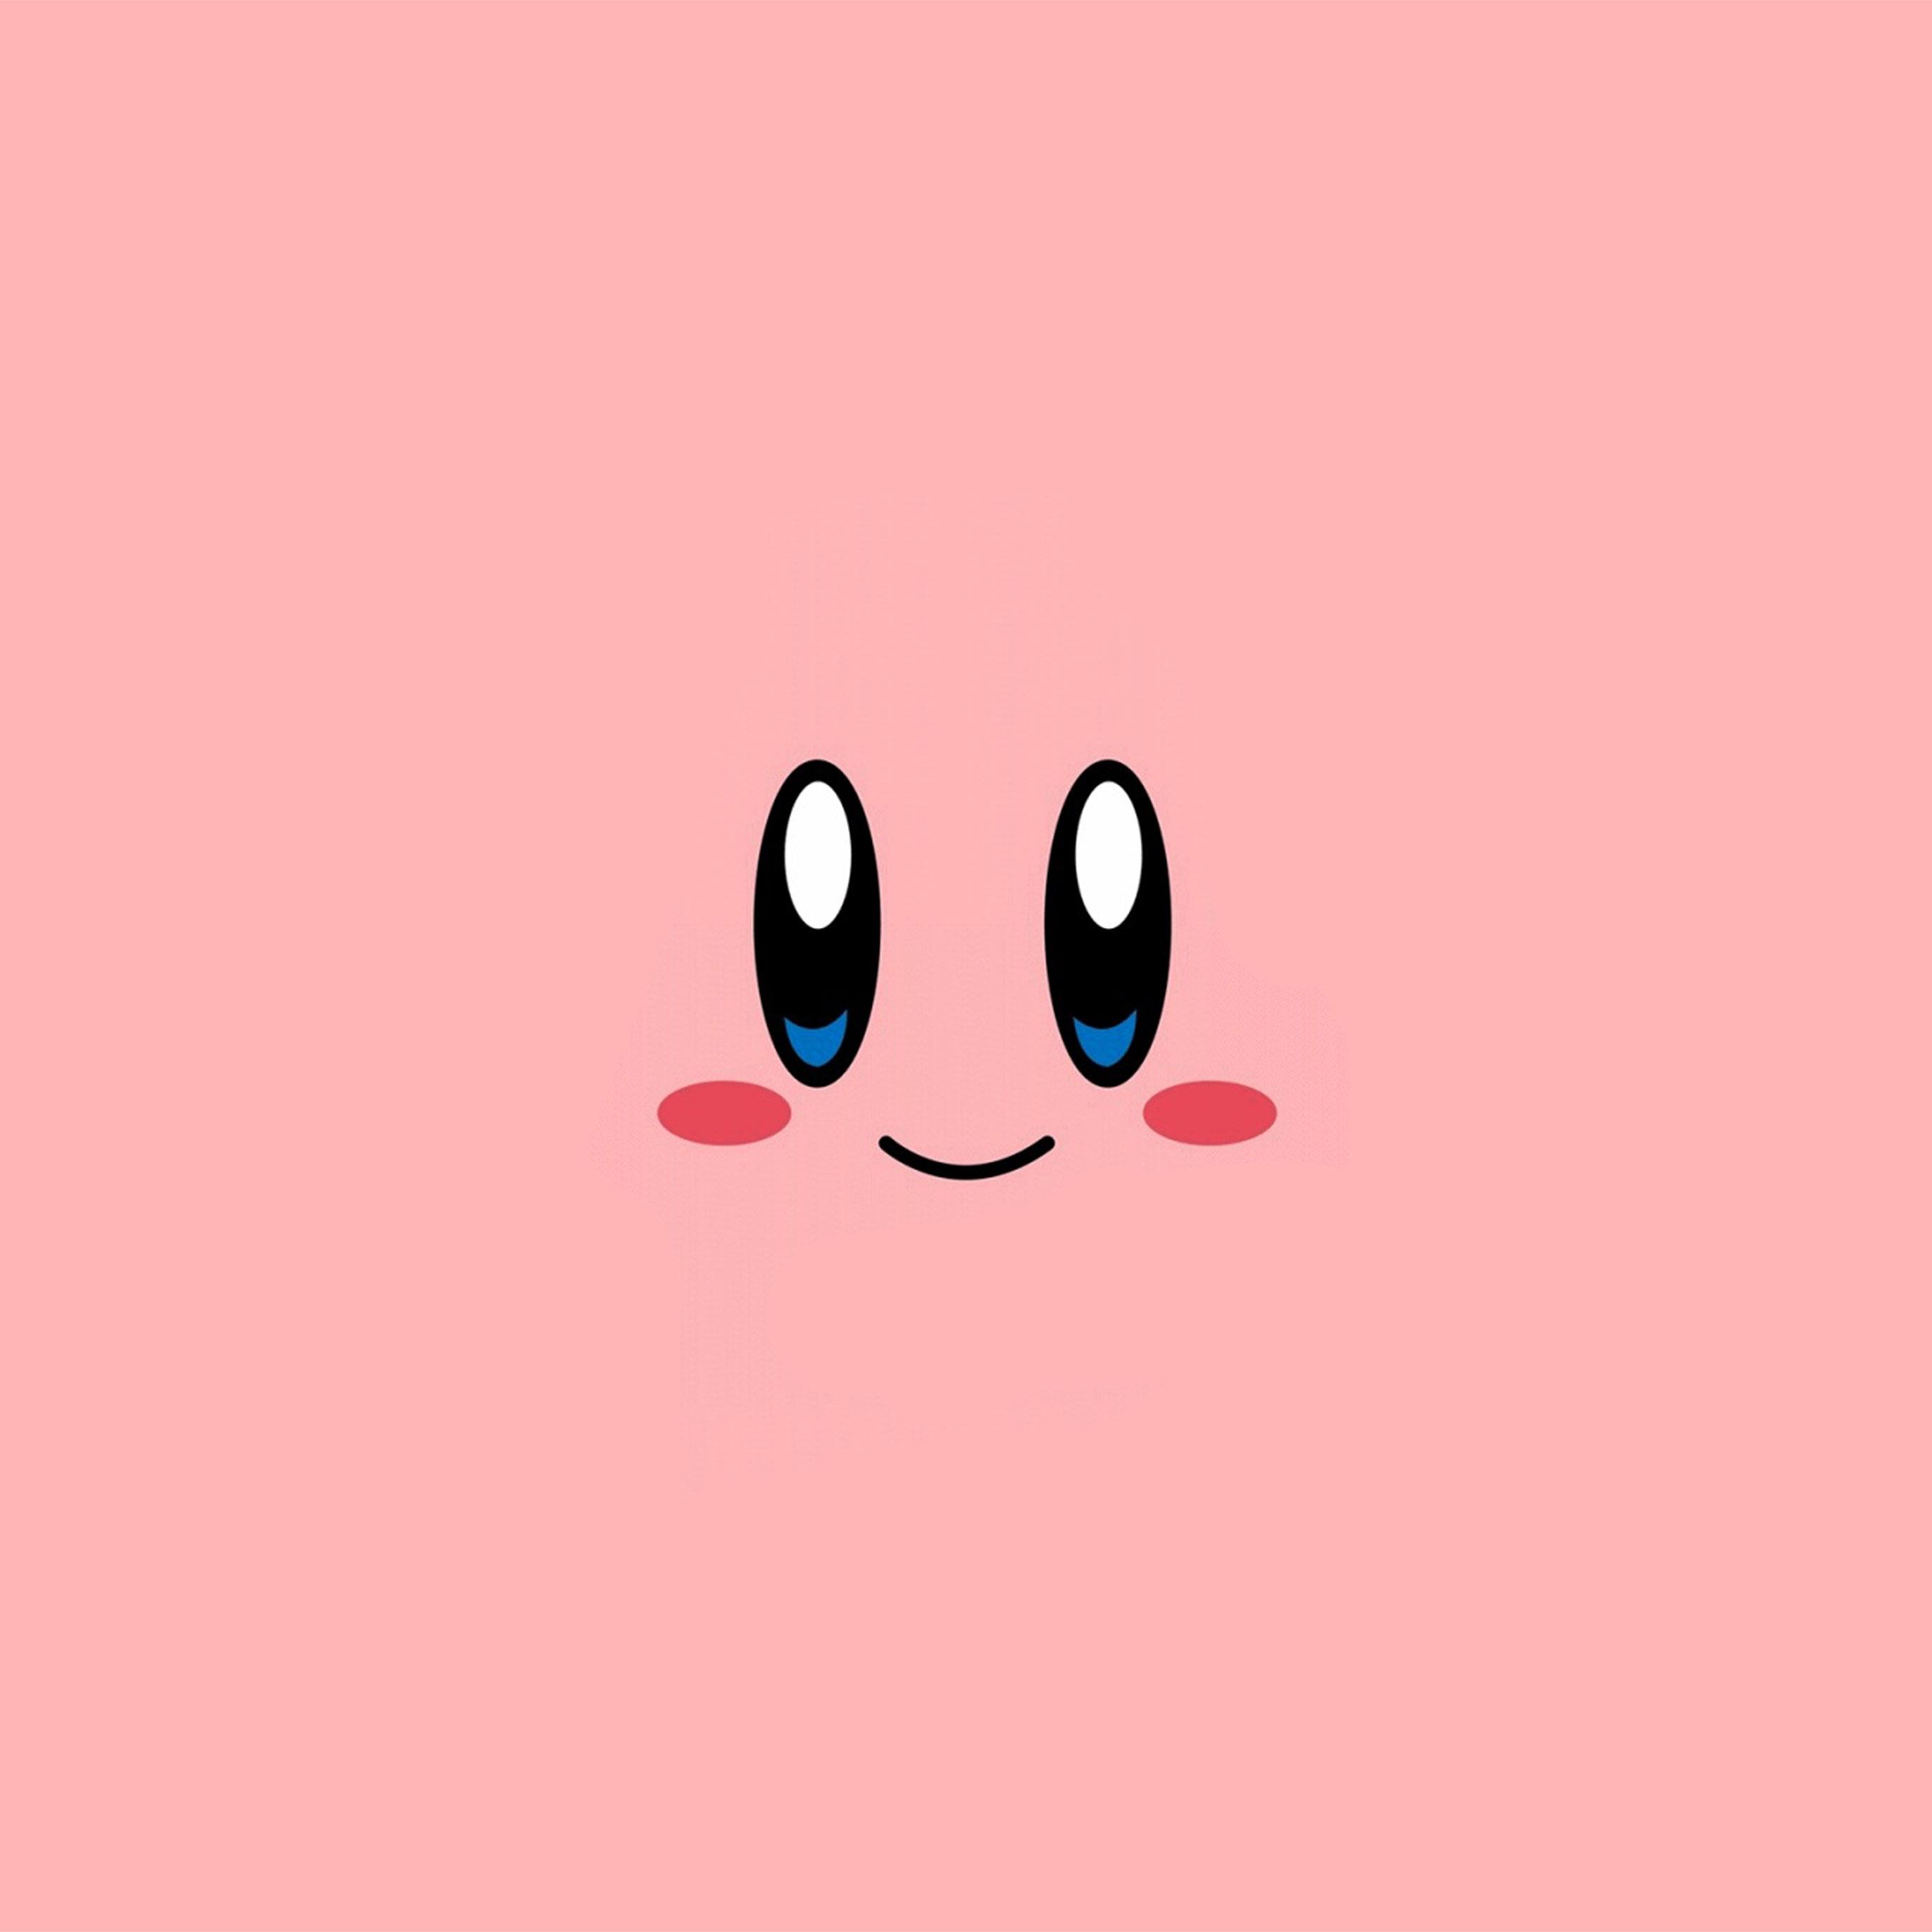 Cute Cartoon Face Wallpapers Az54 Kirby Pink Face Cute Illustration Art Wallpaper